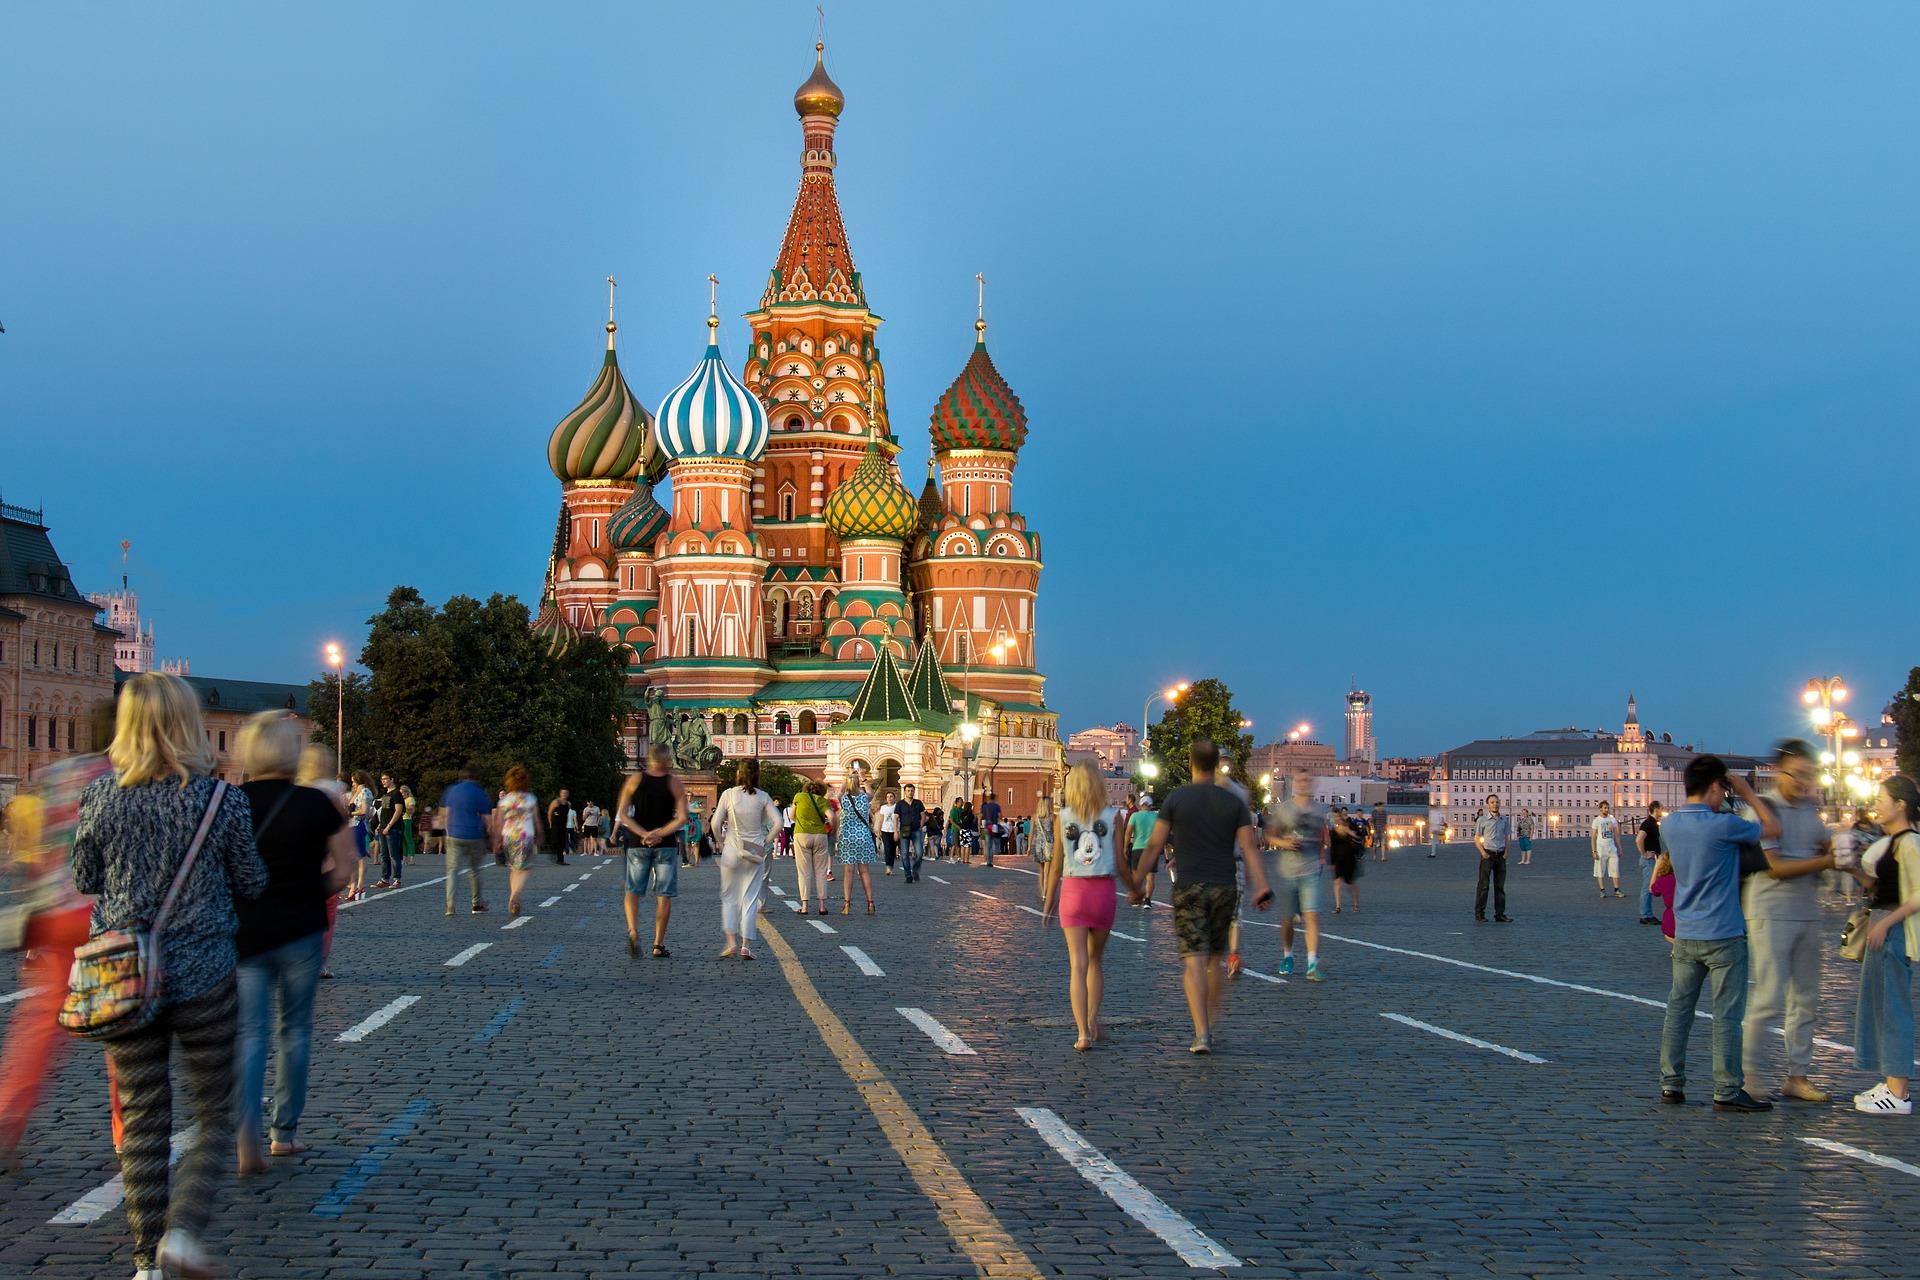 """Nov 14, 2018  เมืองมอสโก เป็นหนึ่งในเมืองท่องเที่ยวที่ยิ่งใหญ่และมั่งคั่งที่สุดในโลก เป็นดั่งศูนย์กลางที่บันทึกเรื่องราวในประวัติศาสตร์และเหตุการณ์สำคัญของรัสเซีย ทั้งเรื่องชัยชนะ , โศกนาฏกรรม , นวัตกรรมการคิดค้น ซึ่งยังคงอยู่ในใจของชาวเมืองตลอดมา  ปัจจุบันมอสโกมีประชากรมากกว่า 12 ล้านคน จัดว่าเป็นเมืองที่ใหญ่ที่สุดในทวีปยุโรปและติดอยู่ใน 10 อันดับเมืองที่มีประชากรมากที่สุดในโลก  สำหรับด้านการท่องเที่ยวที่นี่เป็นเมืองที่เต็มไปด้วยสถาปัตยกรรมอันสวยงาม เช่น พระราชวังเครมลิน , มหาวิหารเซ็นต์ เดอ ซาร์เวีย และสวนกอร์กี้ซึ่งเป็นเซ็นทรัลพาร์กที่มีคนเข้ามาเยี่ยมชมมากถึงหนึ่งแสนคนต่อวัน แม้แต่สถานีรถไฟฟ้าใต้ดินก็ยังสวยงามจนนักท่องเที่ยวต้องไปถ่ายรูป  สำหรับในบทความนี้เราได้รวบรวมข้อเท็จจริงที่หลายคนยังไม่เคยรู้เกี่ยวกับเมืองแสนสวยนี้มาให้ได้อ่านกัน  1.แผนการฆ่าล้างบาง!! – ช่วงสงครามโลกครั้งที่สองในปี ค.ศ.1941 กองทัพนาซีเคยปิดล้อมเมืองมอสโก และ """"อดอล์ฟ ฮิตเลอร์"""" เคยมีแผนการที่จะกวาดล้างสังหารชาวเมืองกว่า 4 ล้านคนมอสโกให้หมดทุกคน ทั้งยังต้องการทำลายเมือง และสร้างทะเลสาบขนาดใหญ่แทนที่เมืองอีกด้วย"""